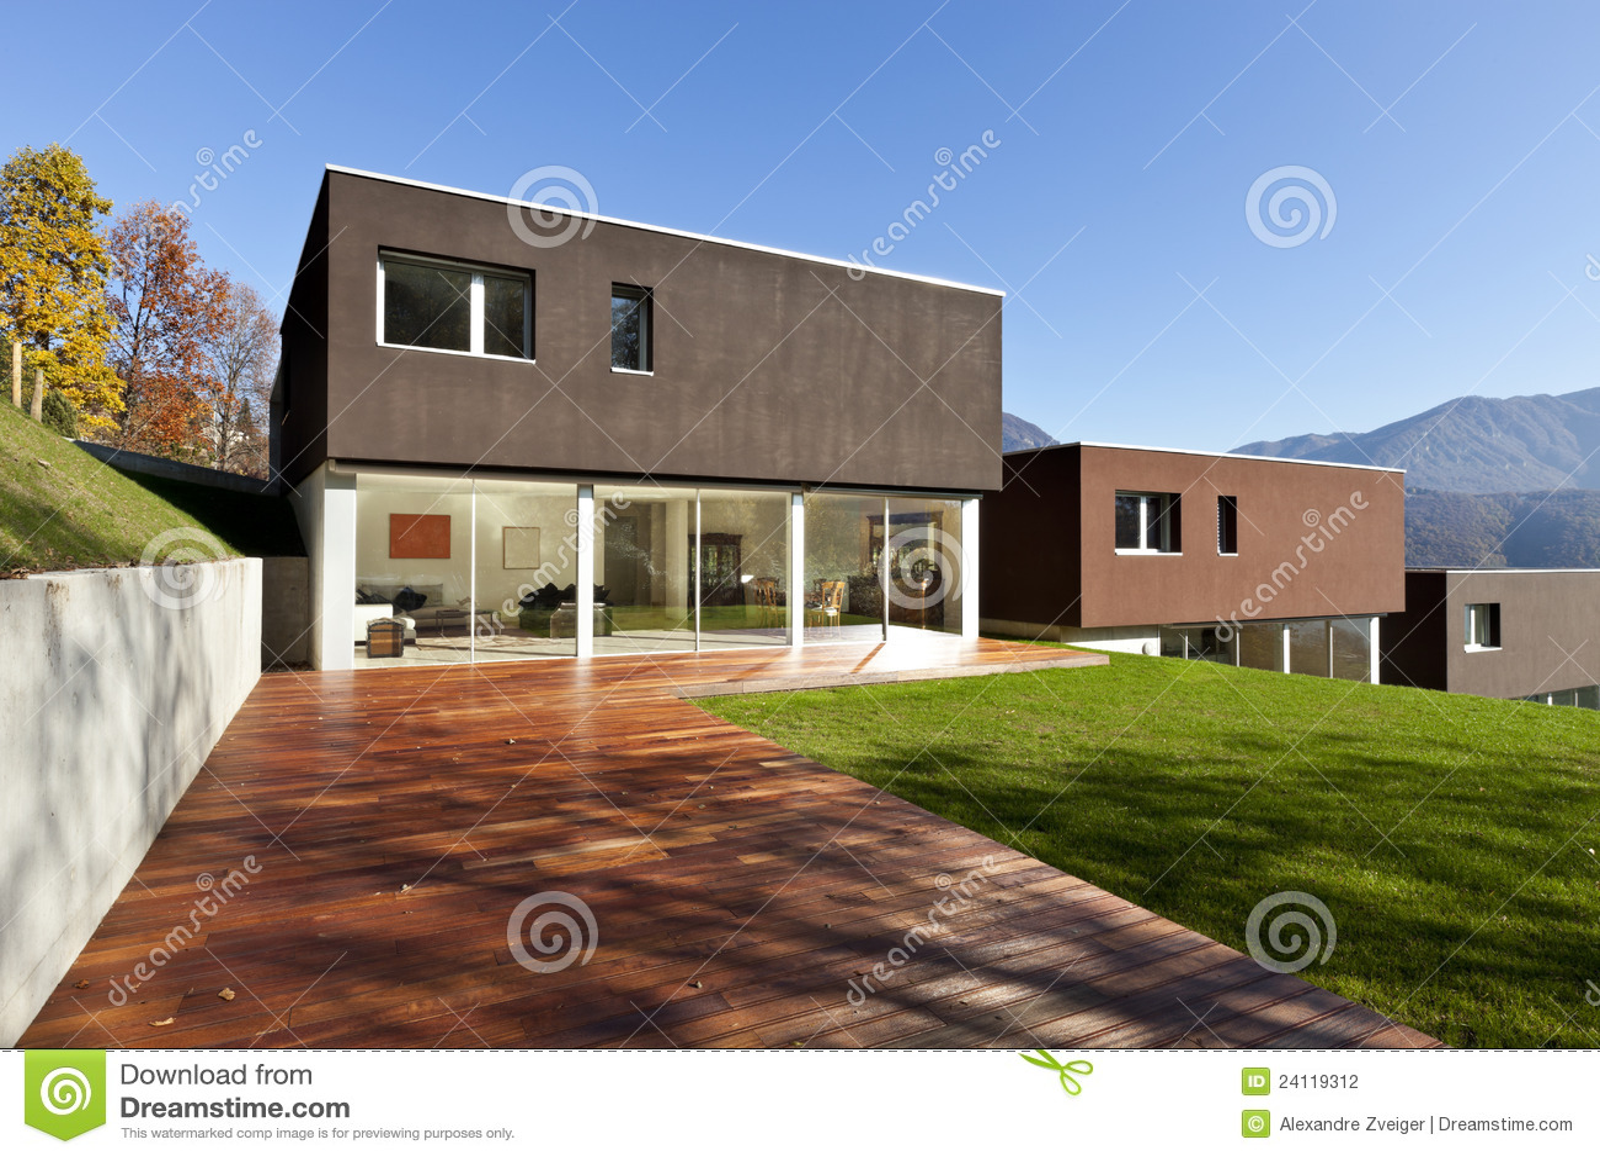 Casas modernas con el jard n fotograf a de archivo for Casas modernas jardines